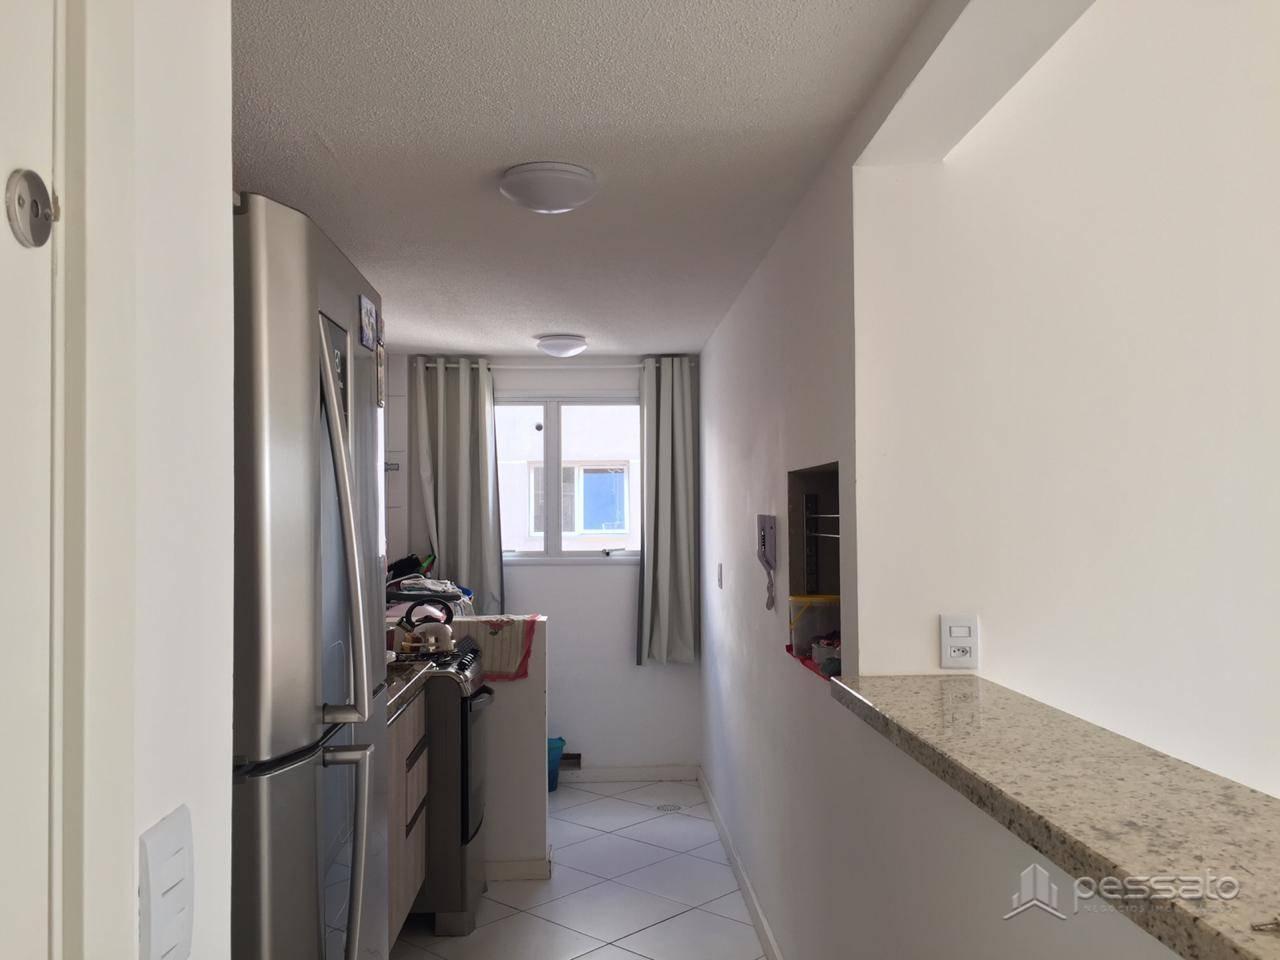 apartamento 2 dormitórios em Cachoeirinha, no bairro Vila Parque Brasília